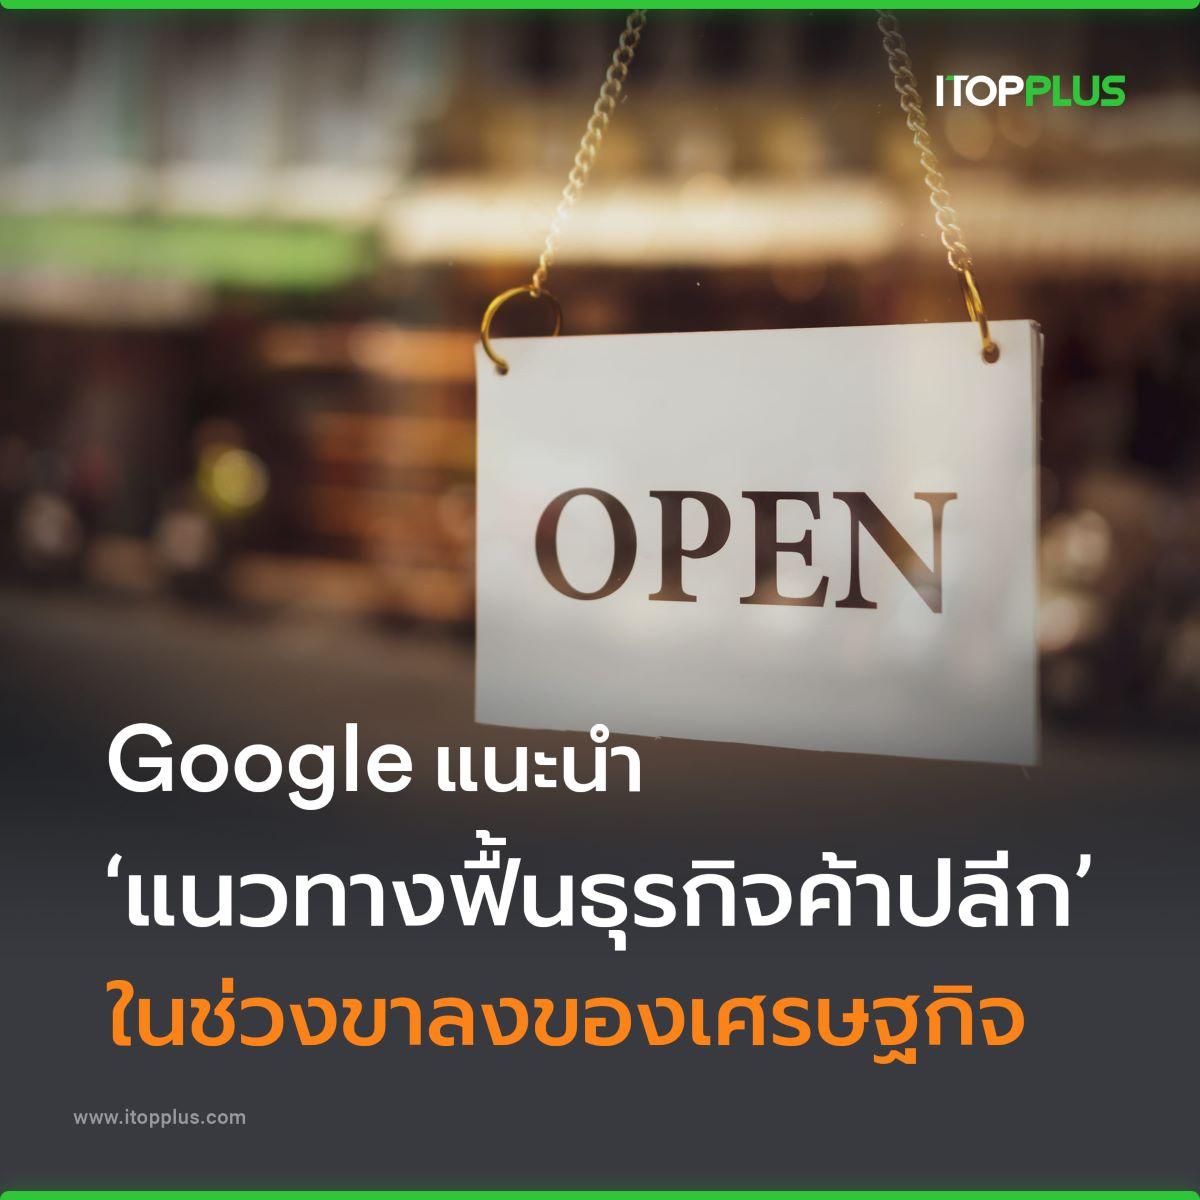 Google แนะนำ 'แนวทางฟื้นธุรกิจค้าปลีก' ในช่วงขาลงของเศรษฐกิจ